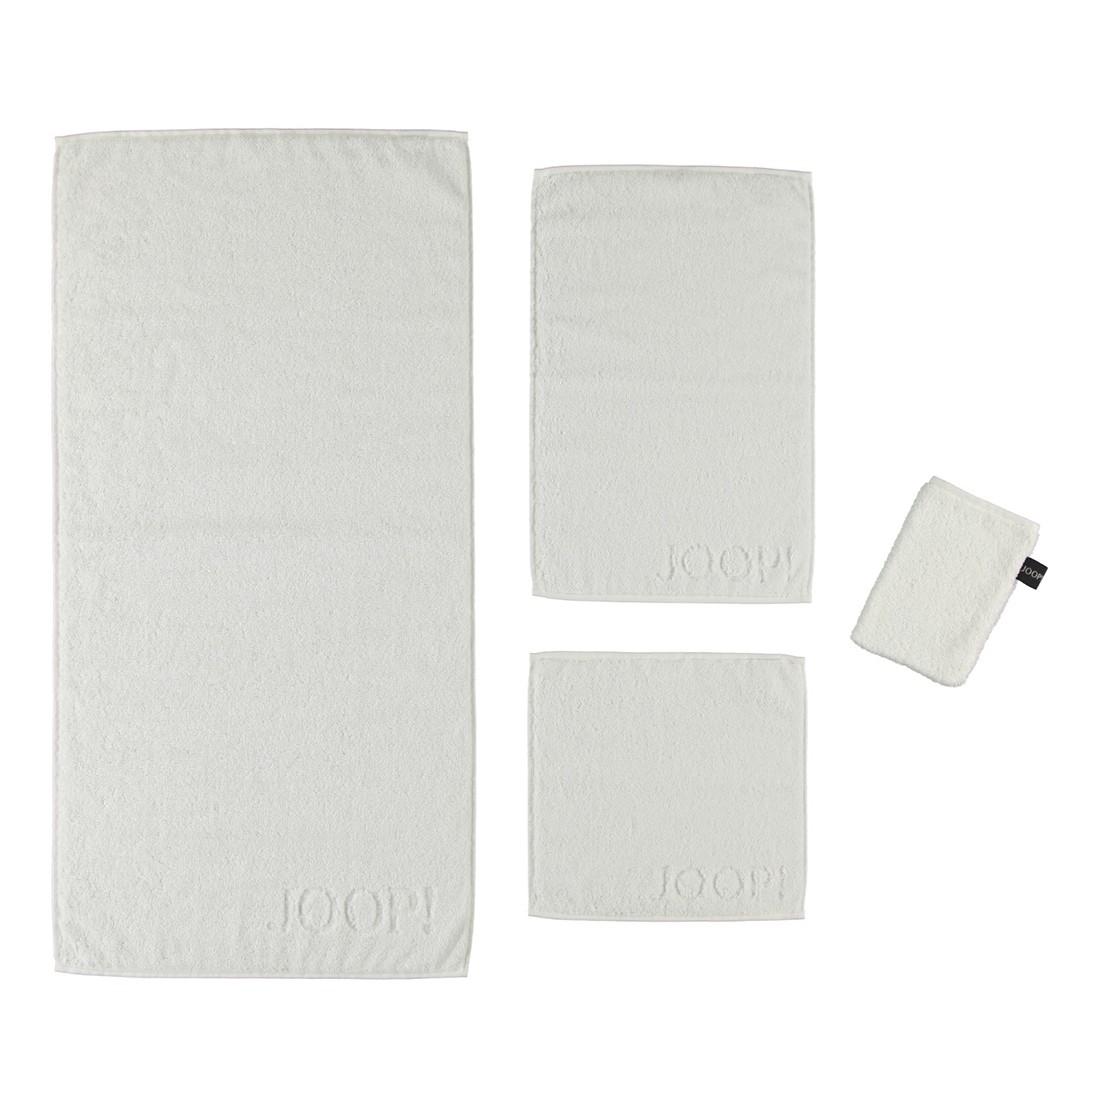 Handtuch Basic – 100% Baumwolle Weiß – 600 – Handtuch: 50 x 100 cm, Joop bestellen